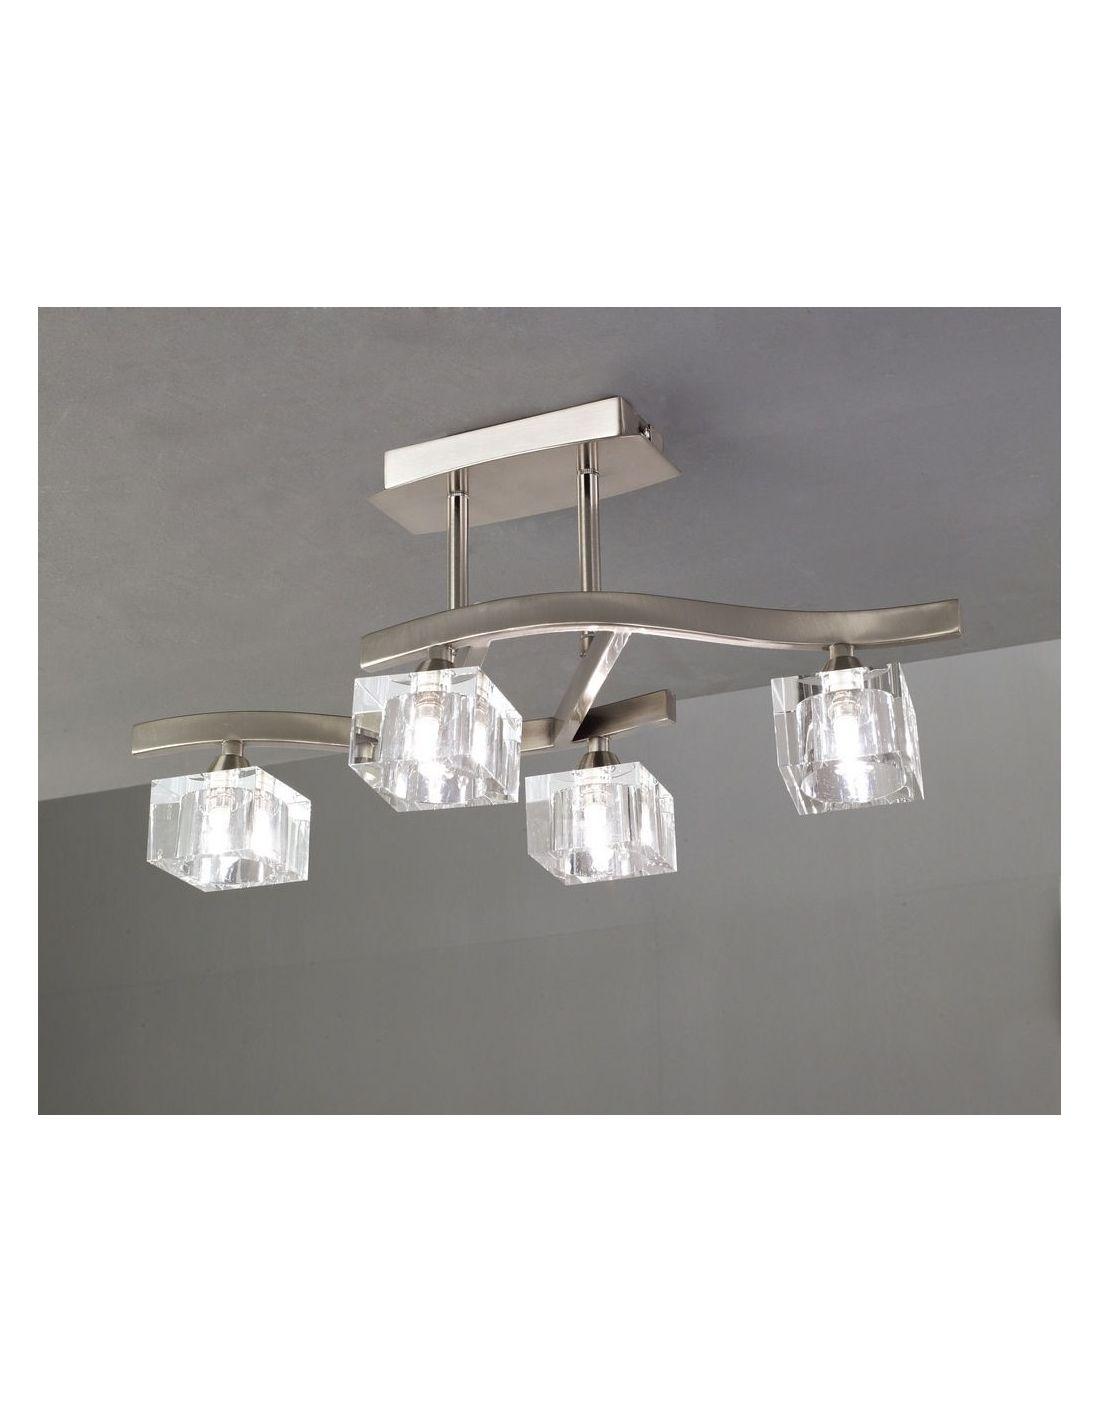 Tienda de lamparas lamparas en sevilla lamparas niquel - Halogenos de techo ...